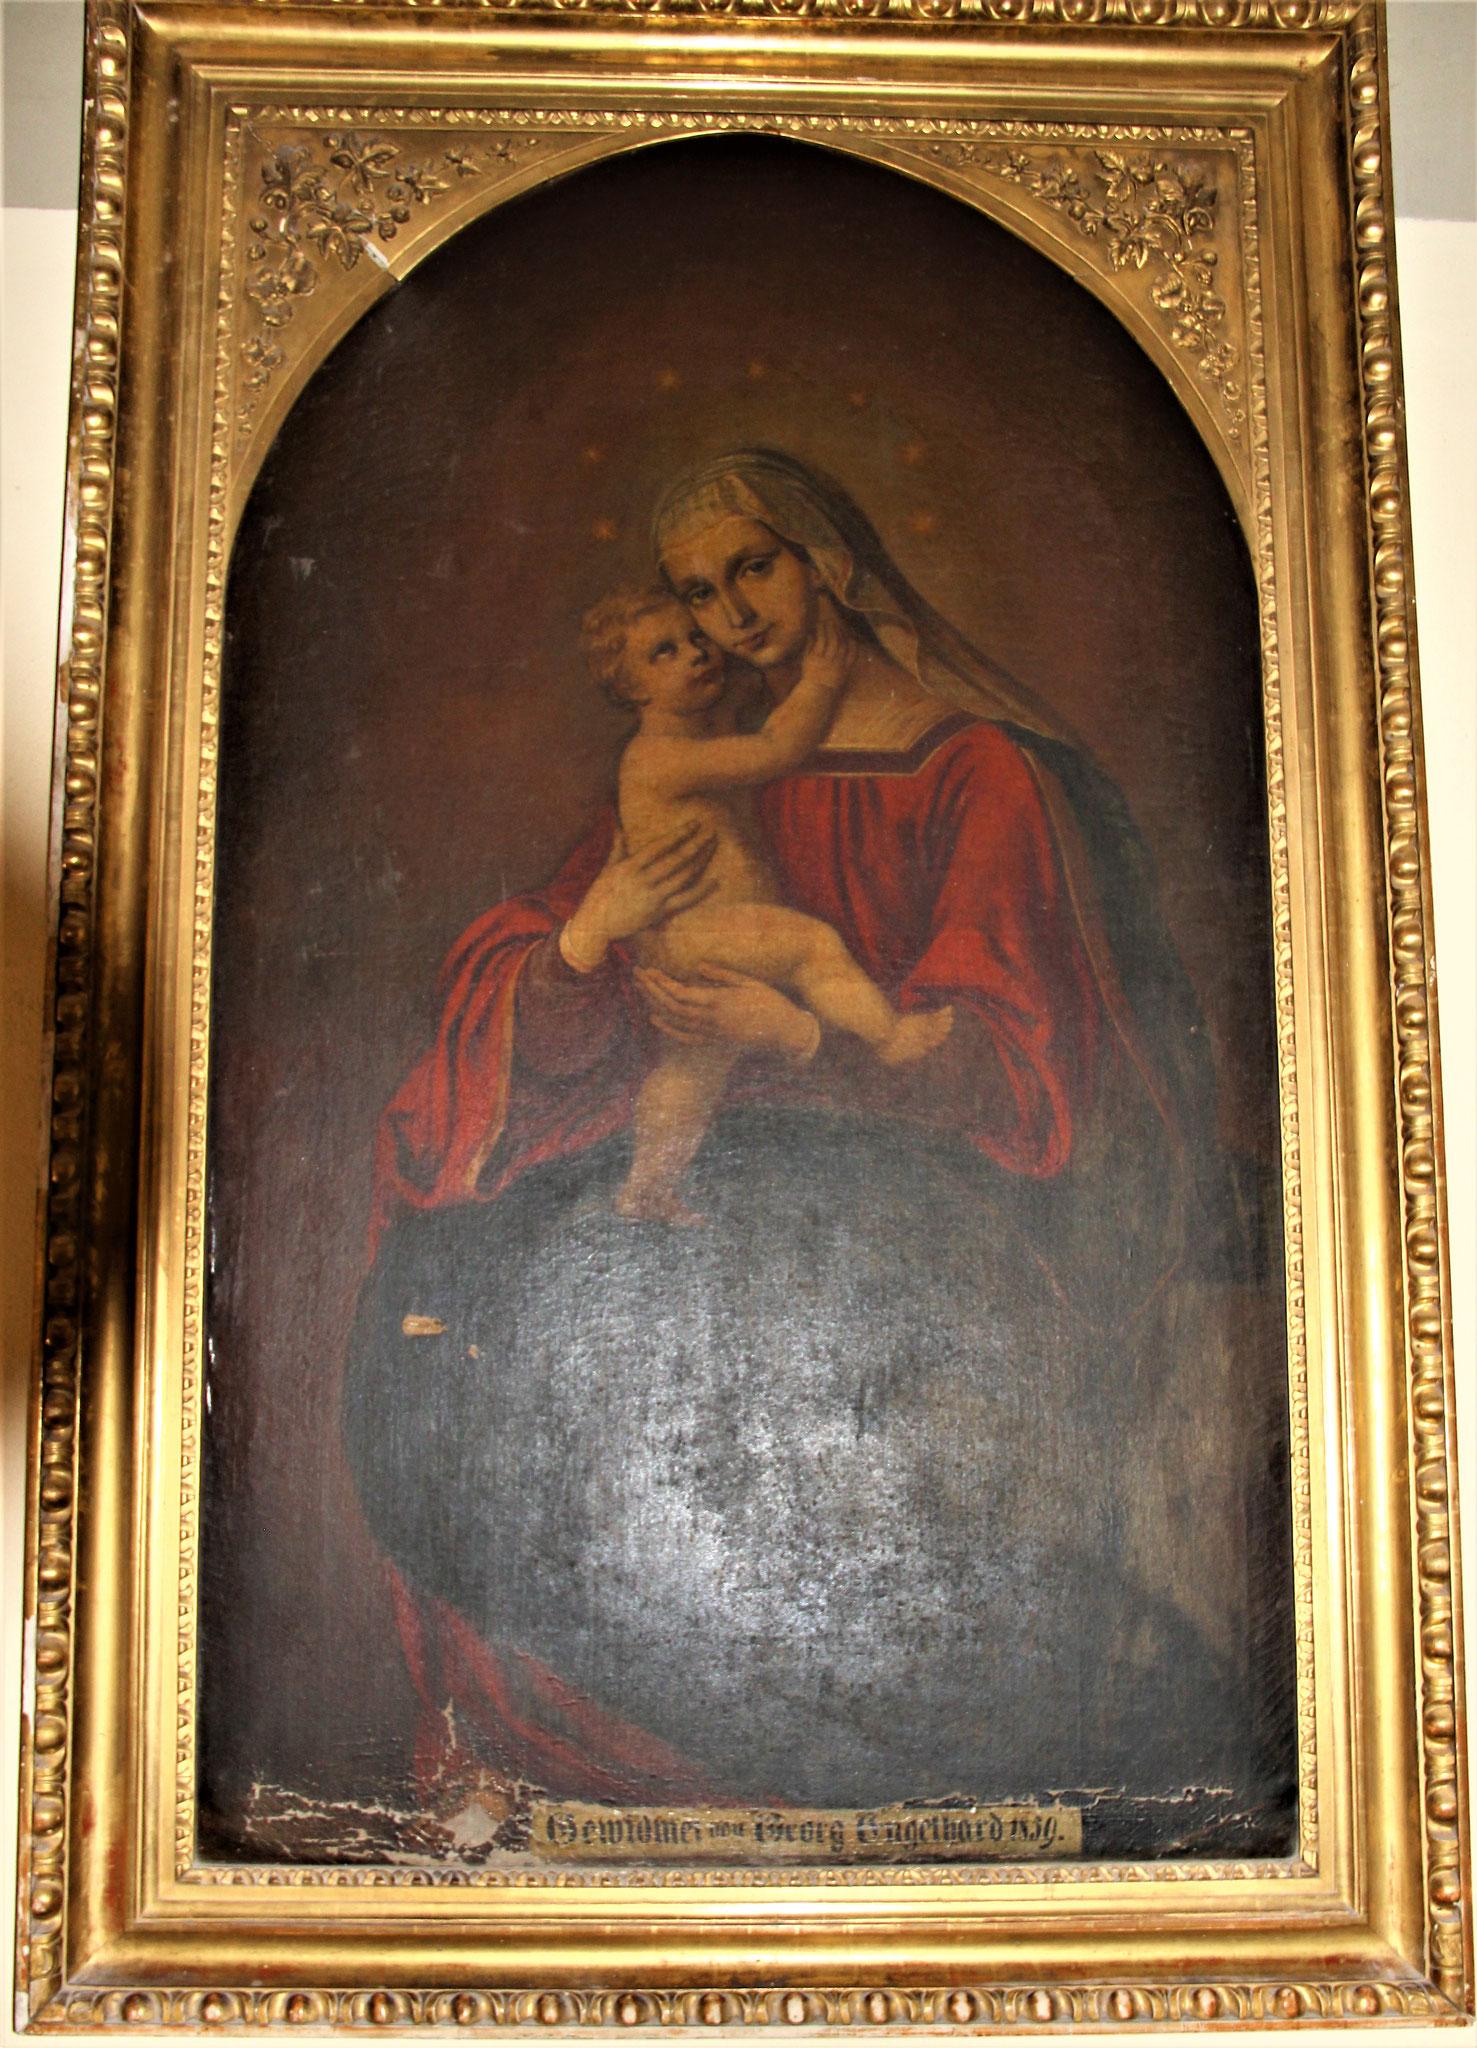 Ölgemälde - Muttergottes mit Kind                                 (Gewidmet von Georg Engelhard 1859)